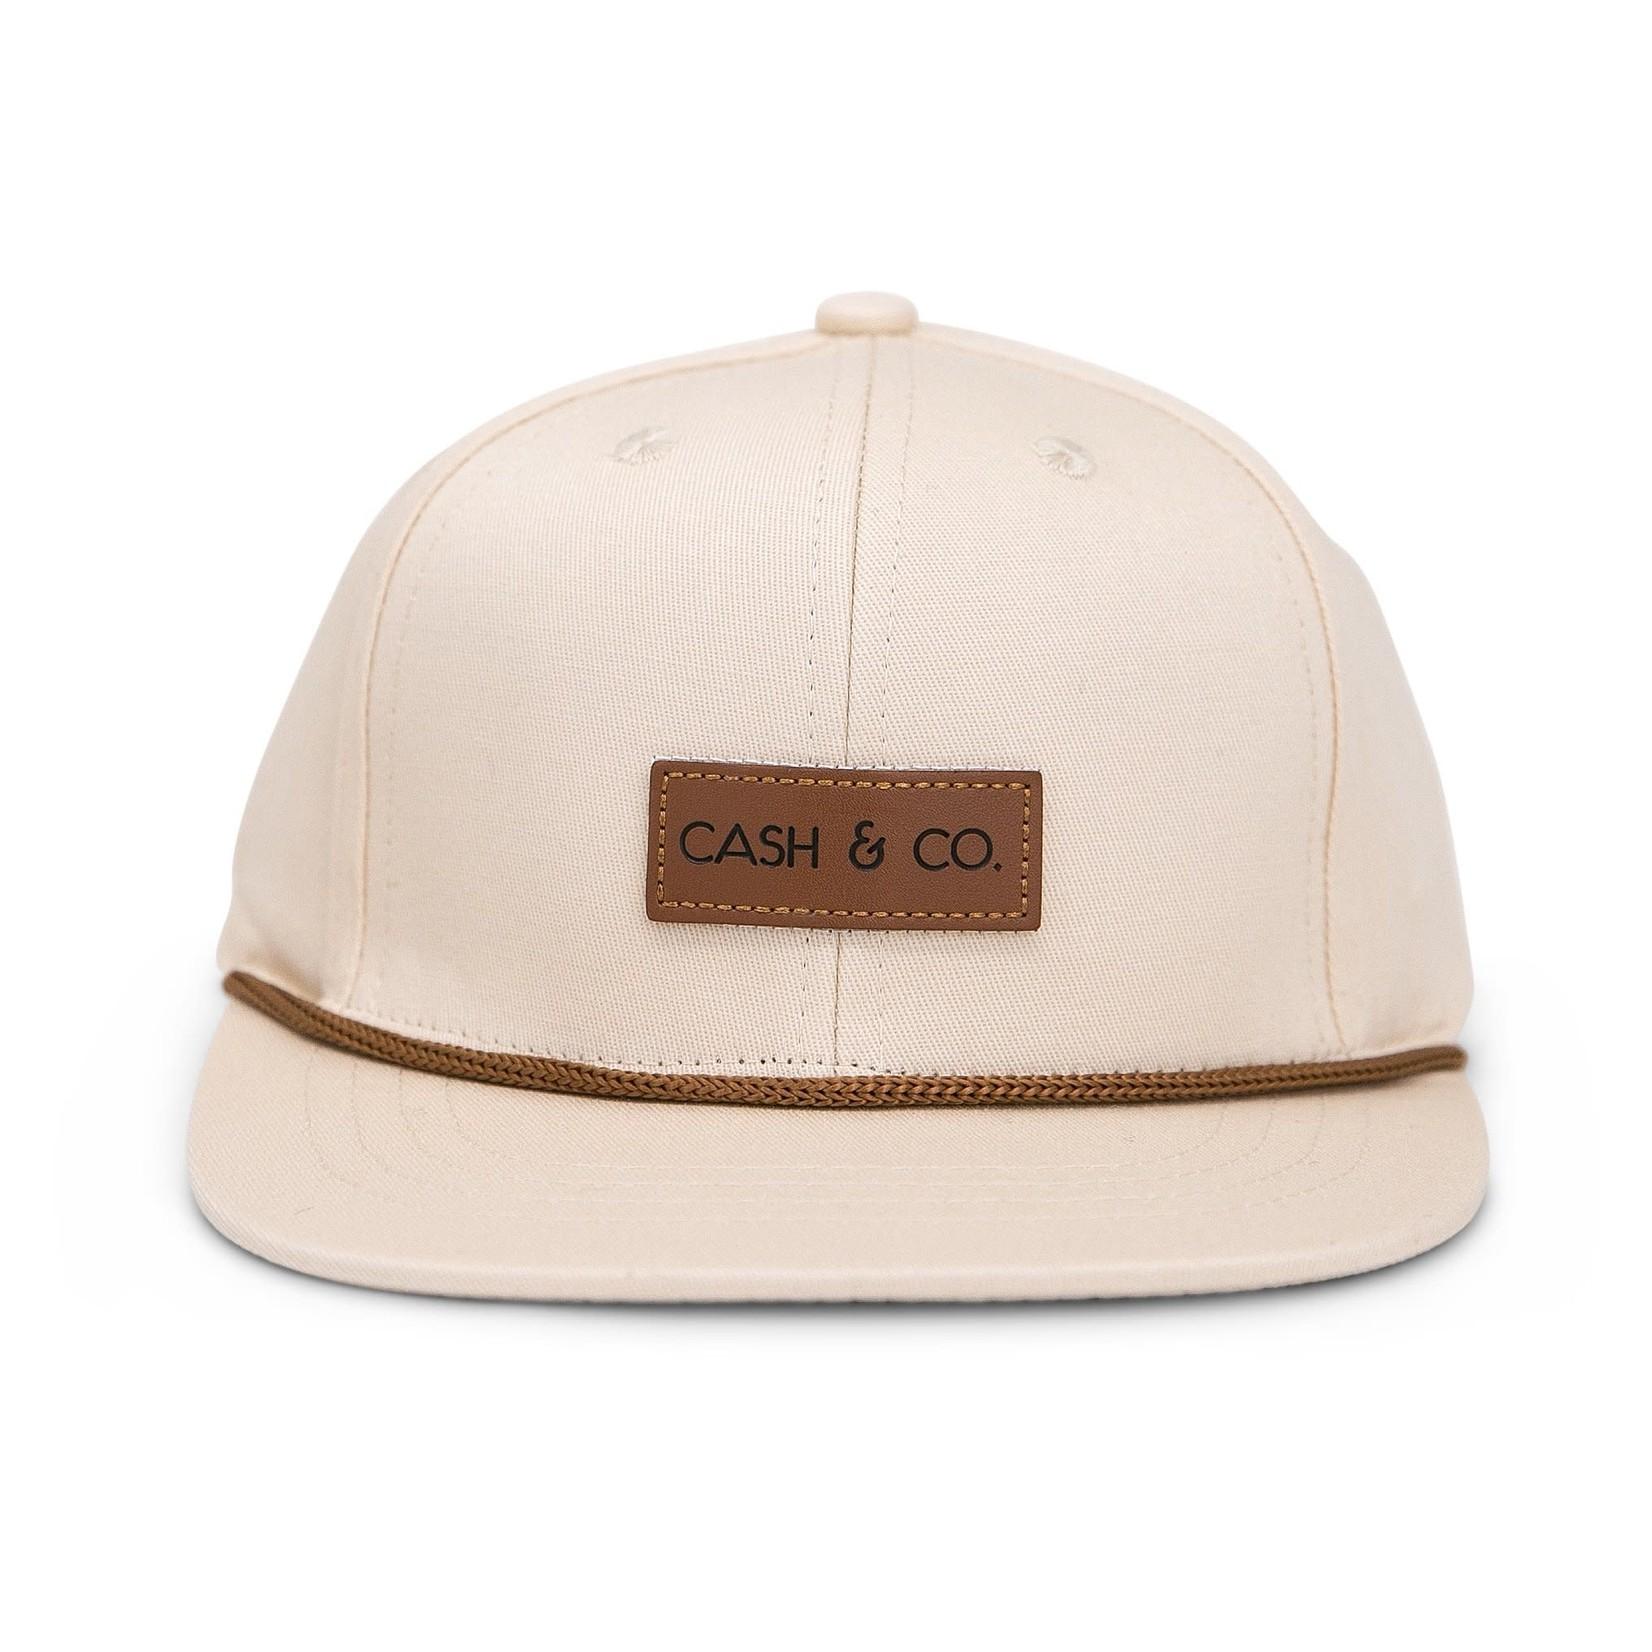 Cash & Co Butter Hat